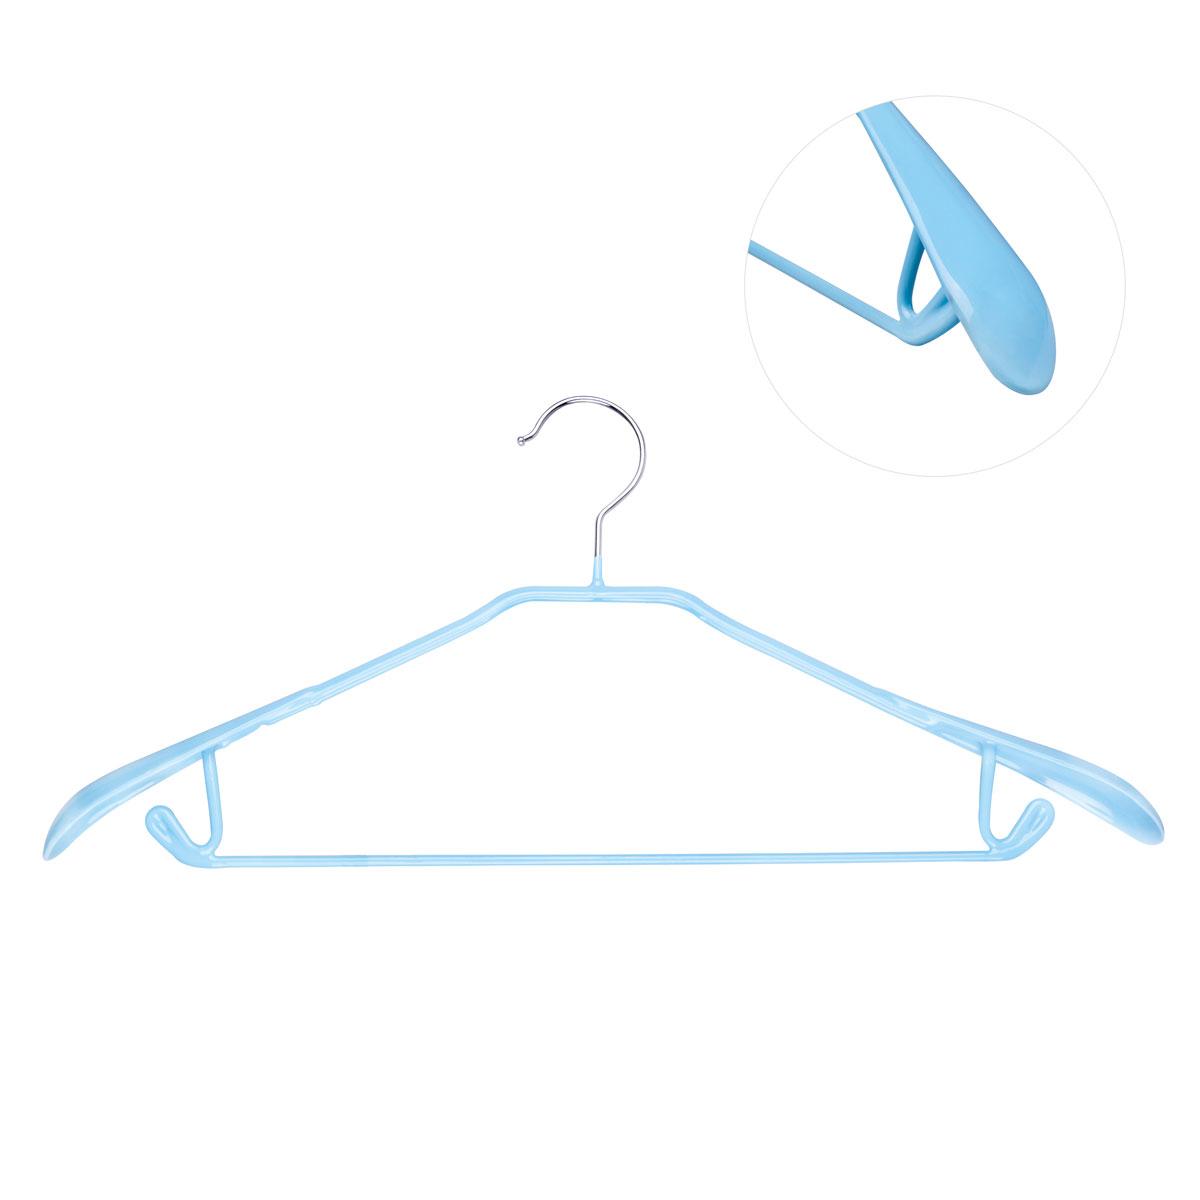 Вешалка для брюк Miolla, цвет: голубой, длина 43 см2511046 TB2Вешалка для брюк Miolla выполнена из металла со специальным резиновым покрытием. Такое покрытие исключает случайное повреждение одежды и ее соскальзывание. Изделие оснащено перекладиной, расширенными плечиками и крючками для юбок и брюк. Вешалка Miolla станет практичным и полезным аксессуаром в вашем гардеробе. Длина: 43 см.